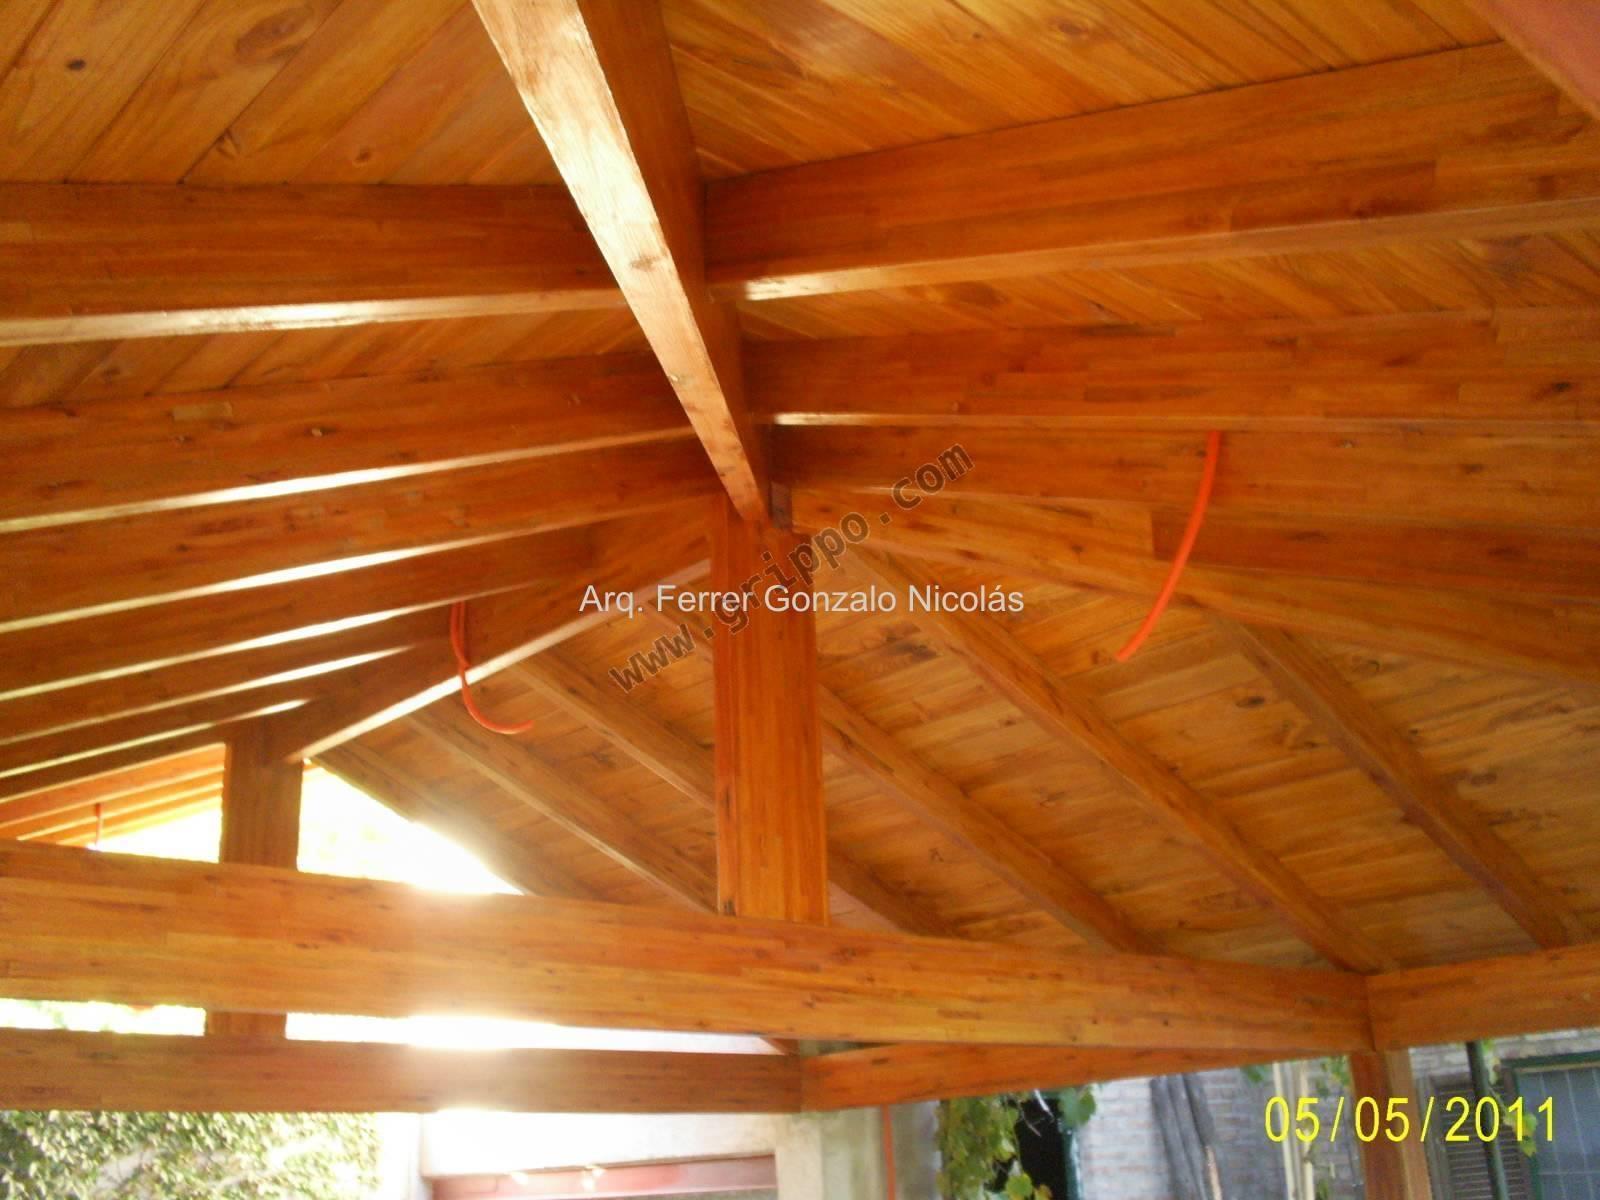 Techos artesonados de madera en mercados mundiales car - Techo de madera ...